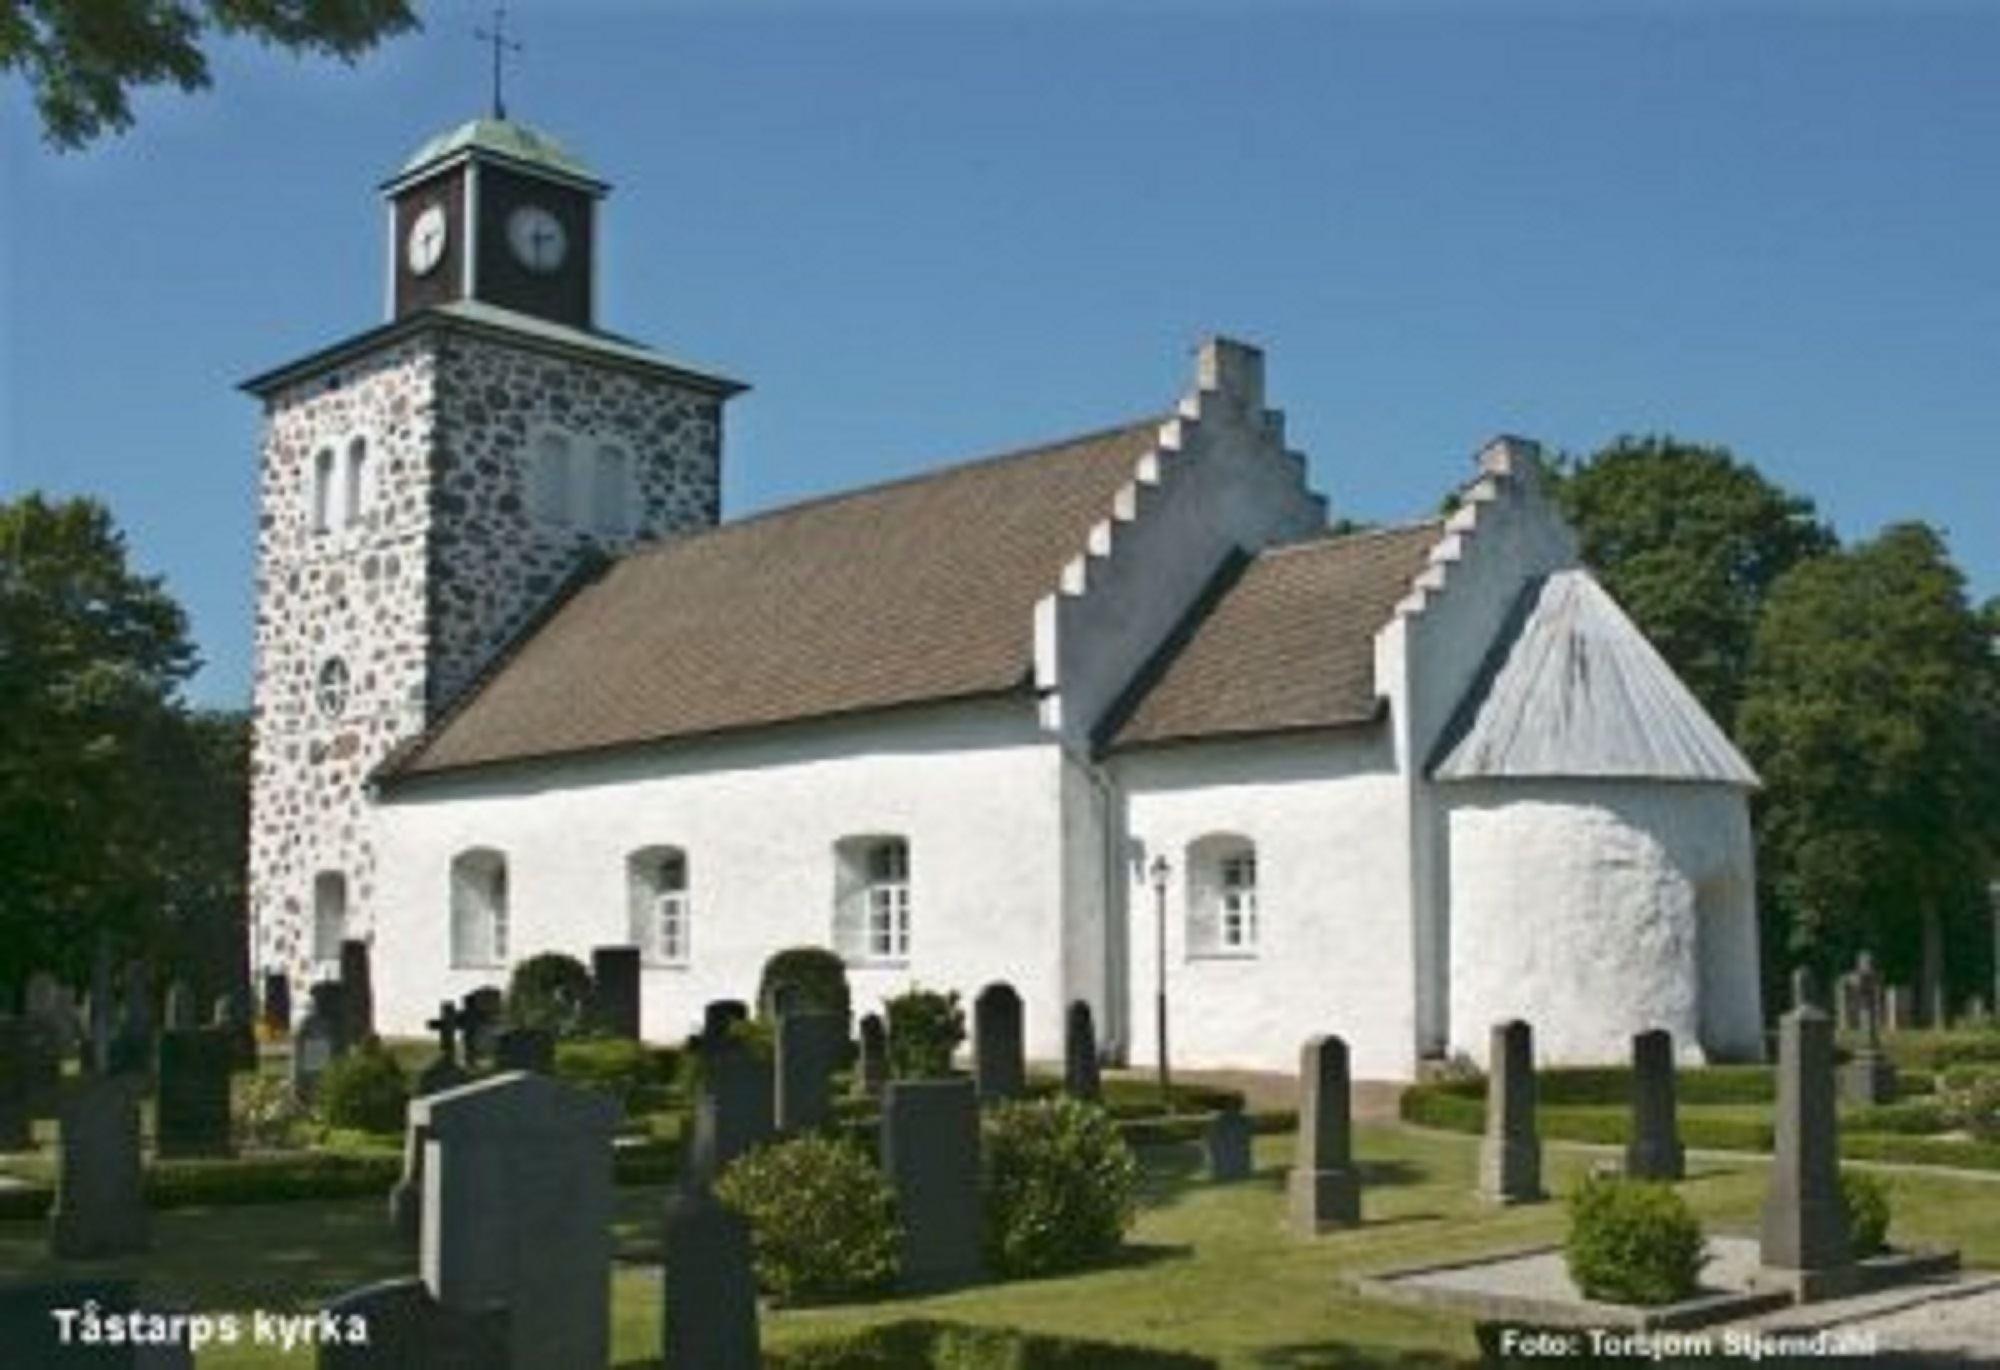 Tåstarp Church